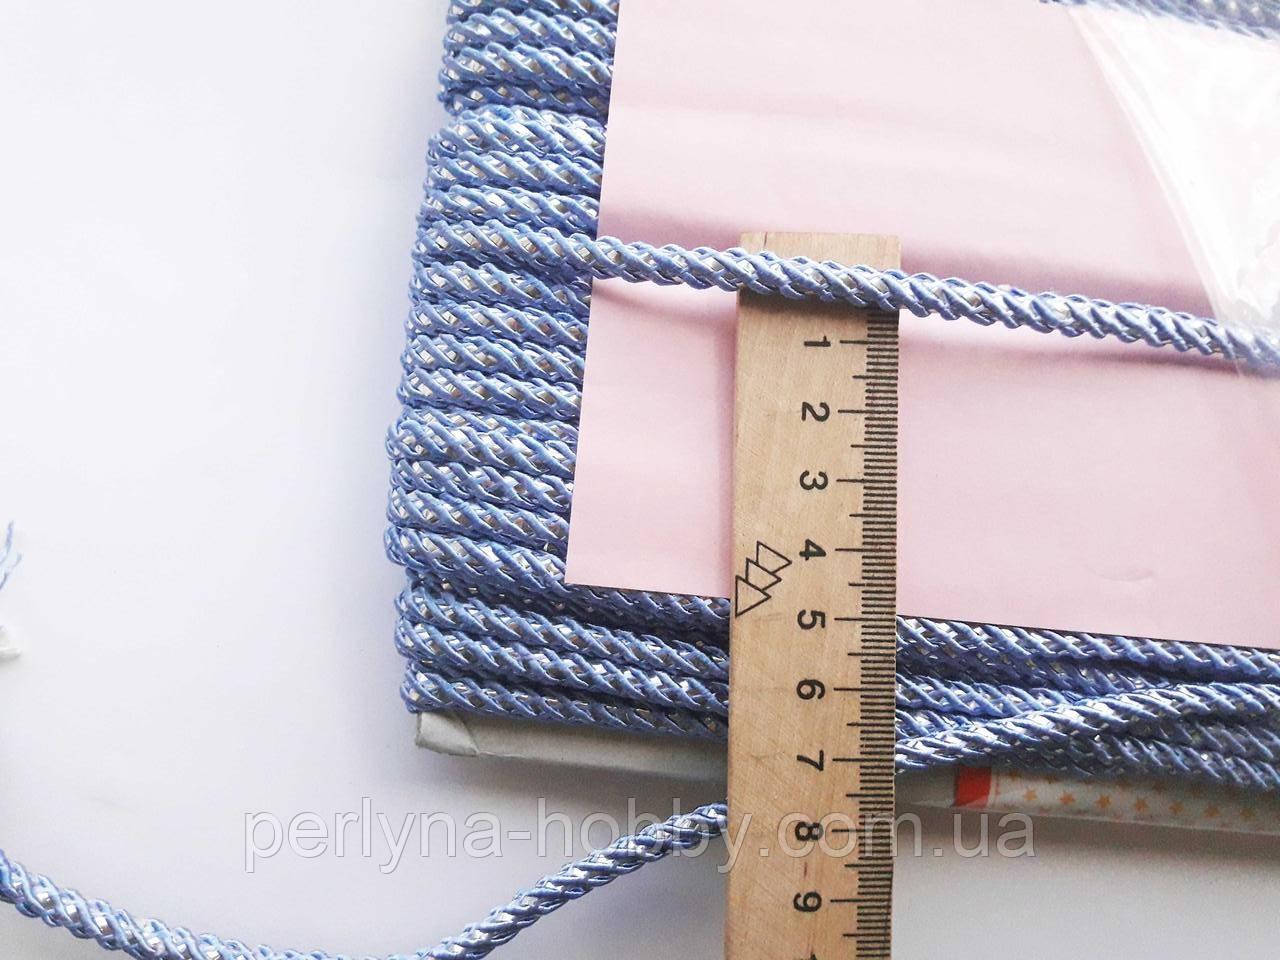 Шнур декоративный текстильный с люрексом серебро  5-6 мм.  Шнур декоративний  Голубий